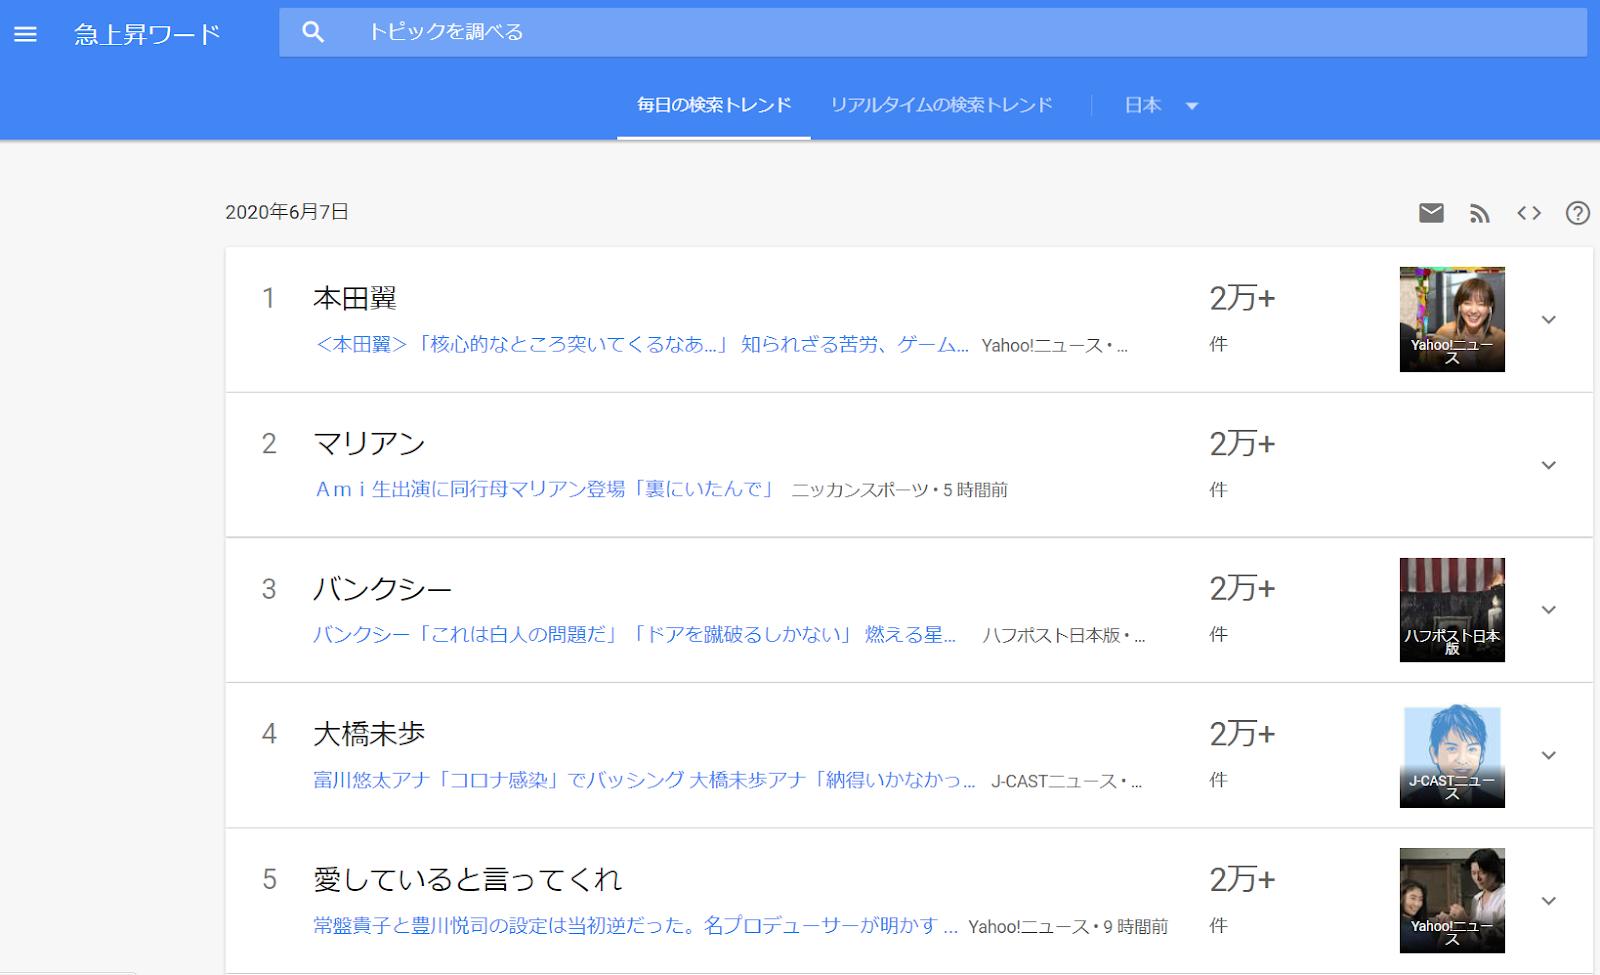 Googleトレンドの「急上昇ワード」